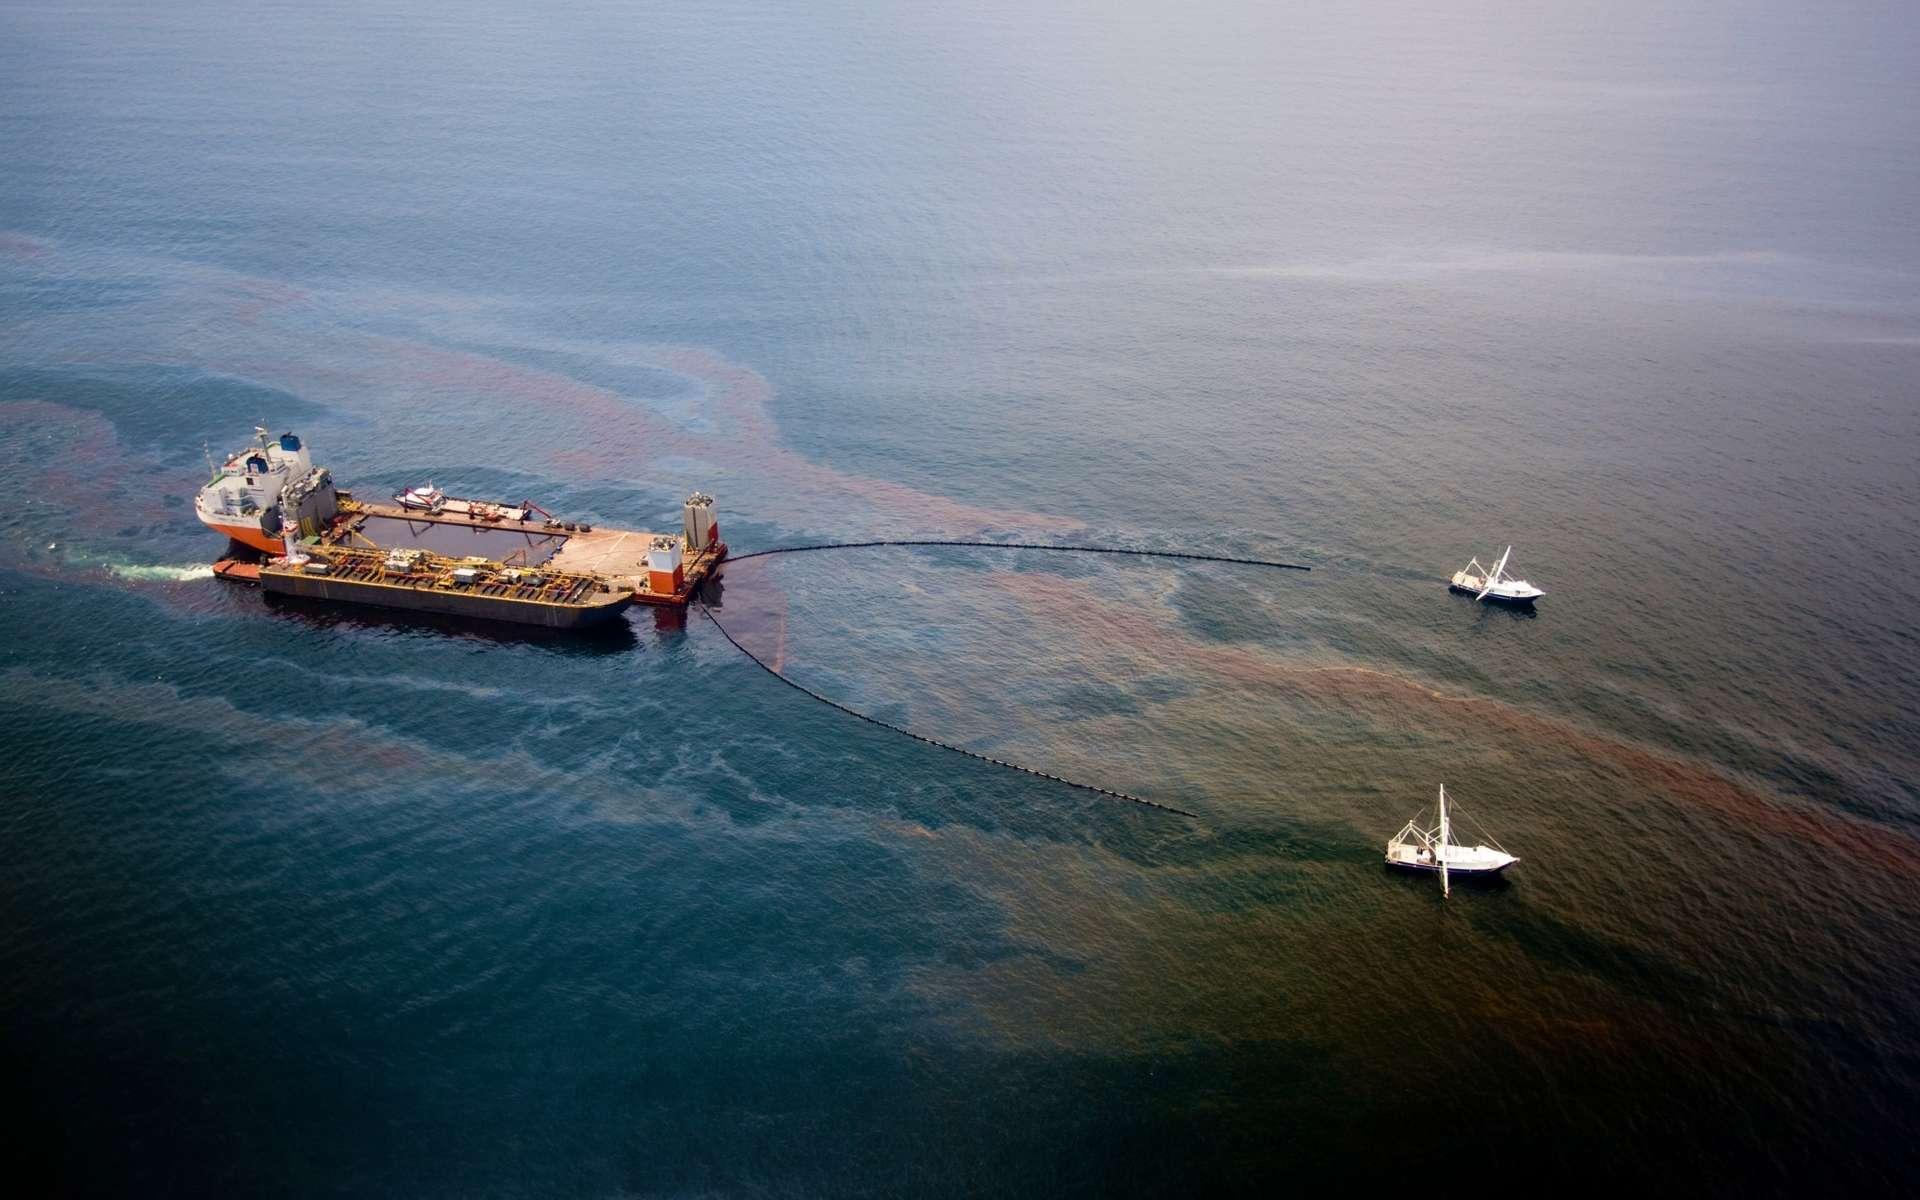 Le Mighty Servant 3, avec deux autres bateaux, en train de récolter le pétrole d'une nappe, le 18 juin 2010. Au total, environ 120 millions de litres ont été récupérés. © BP